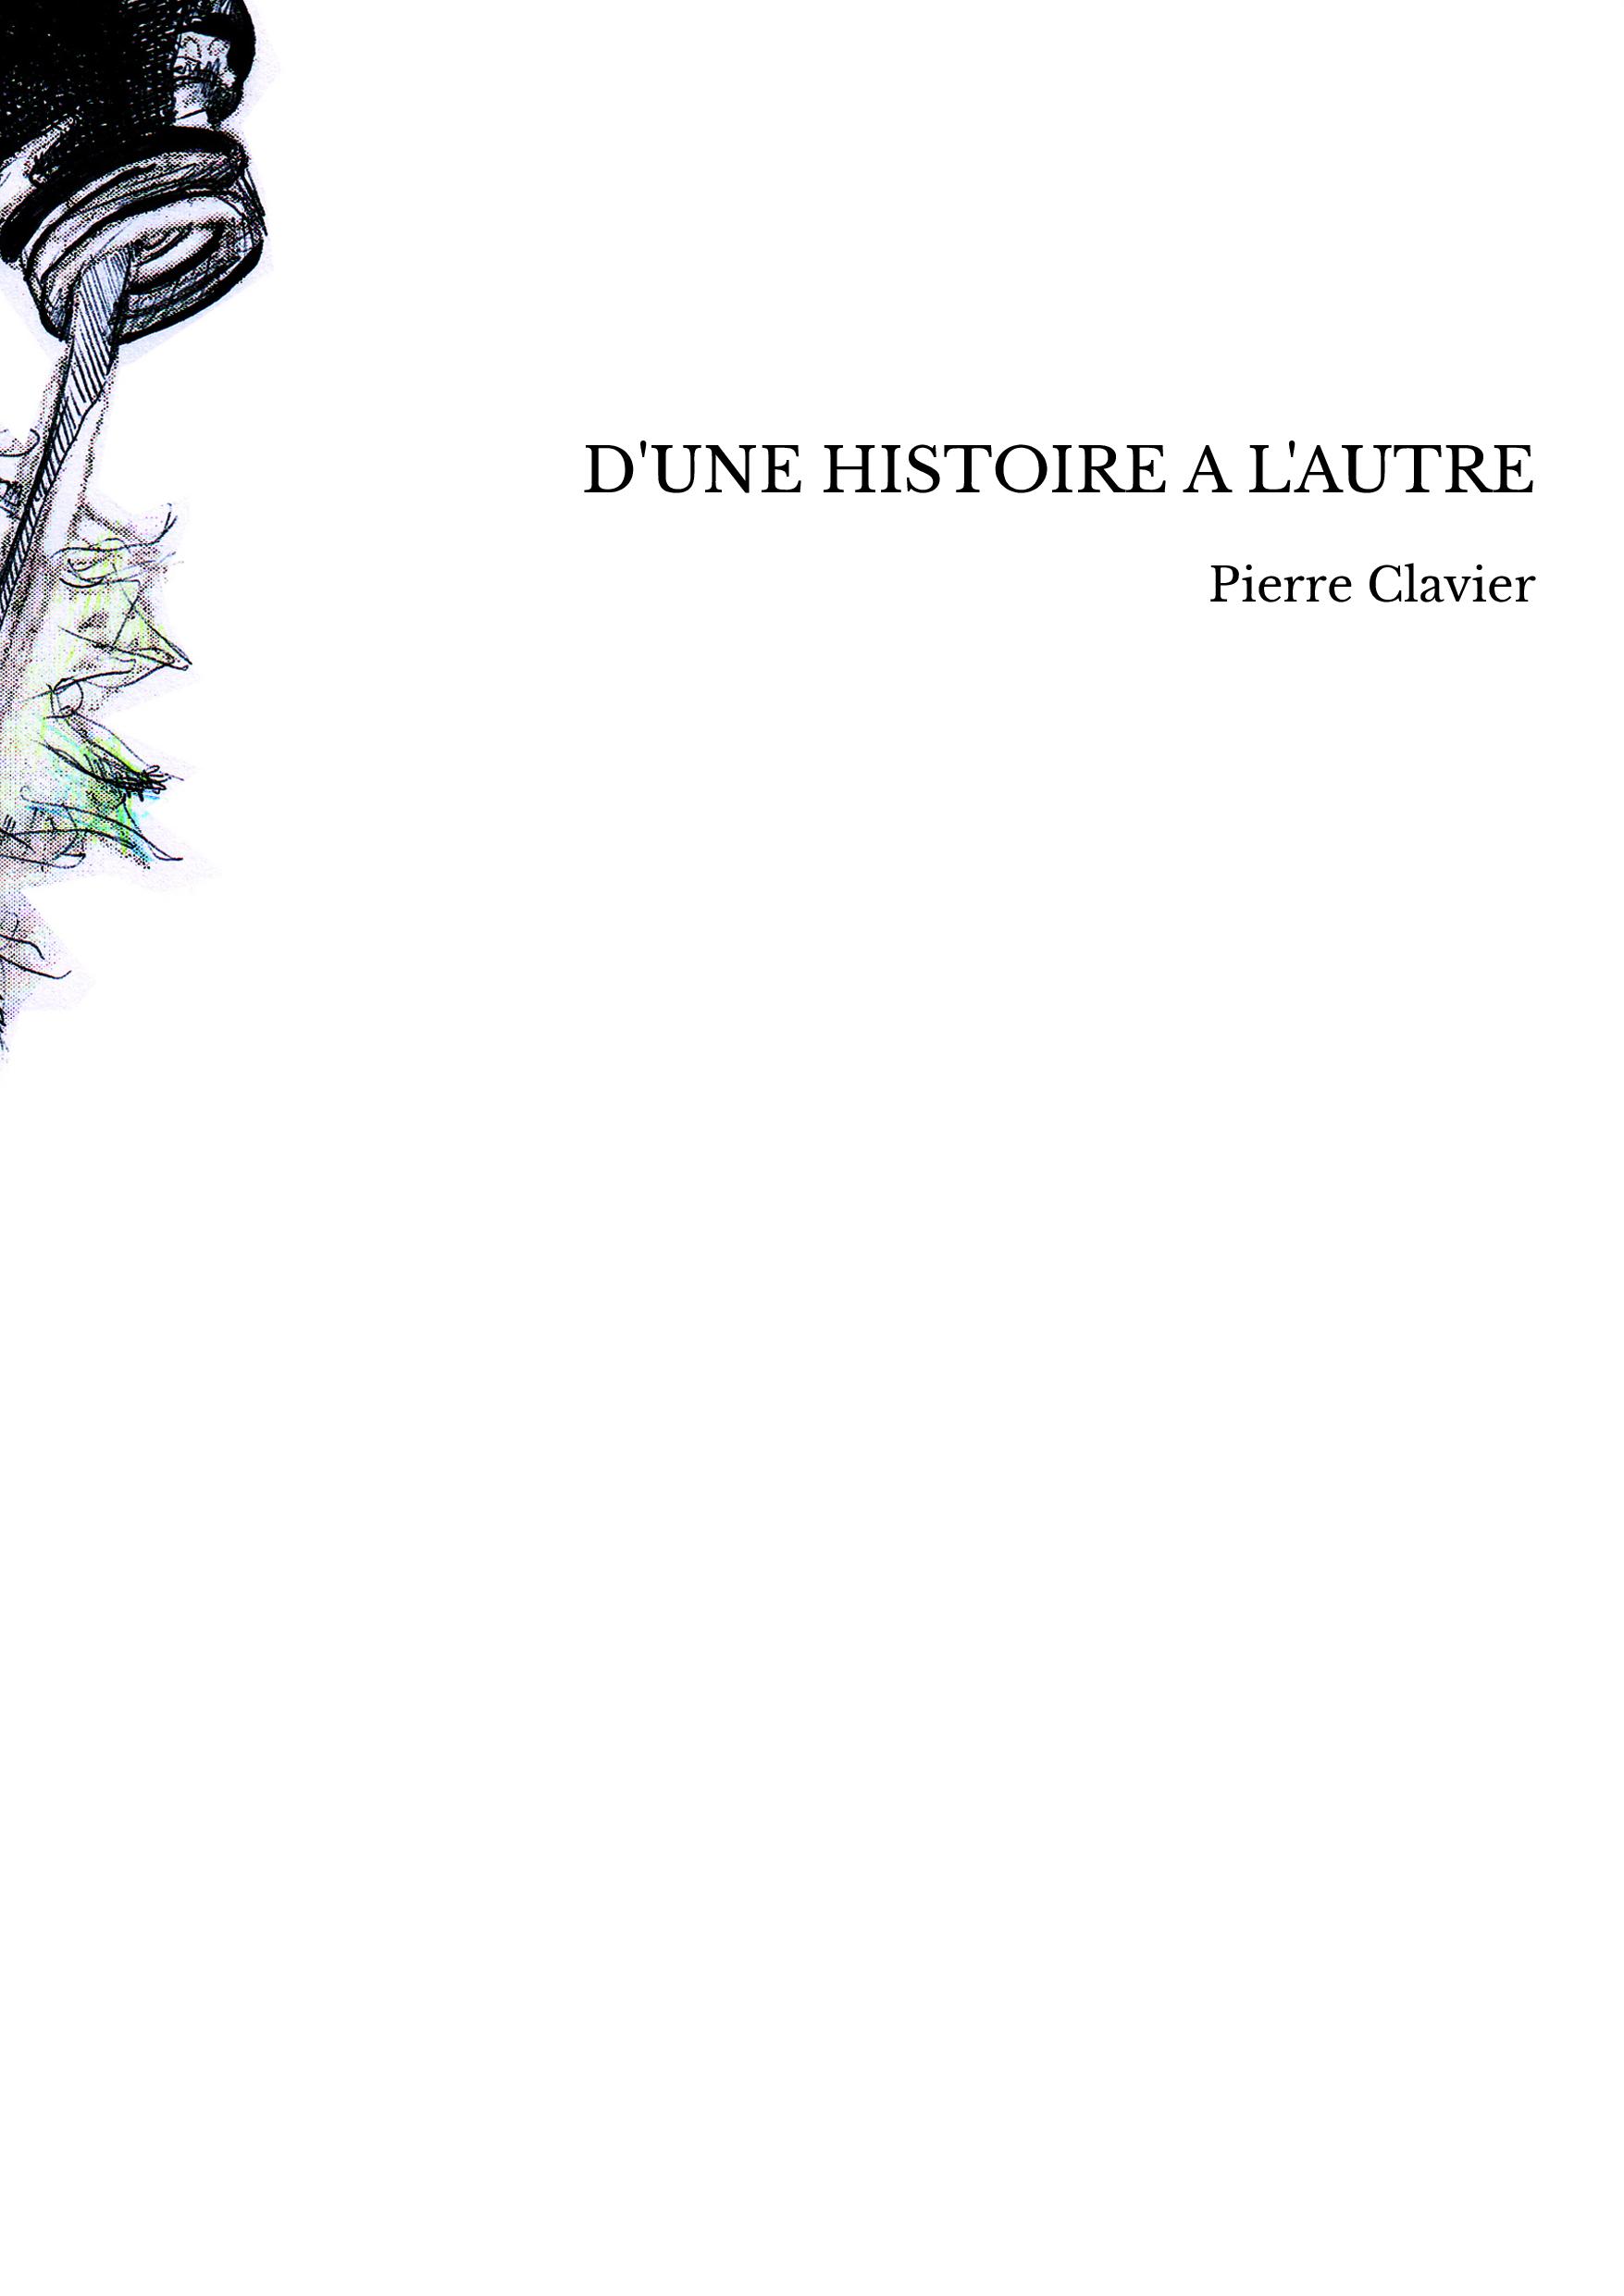 D'UNE HISTOIRE A L'AUTRE